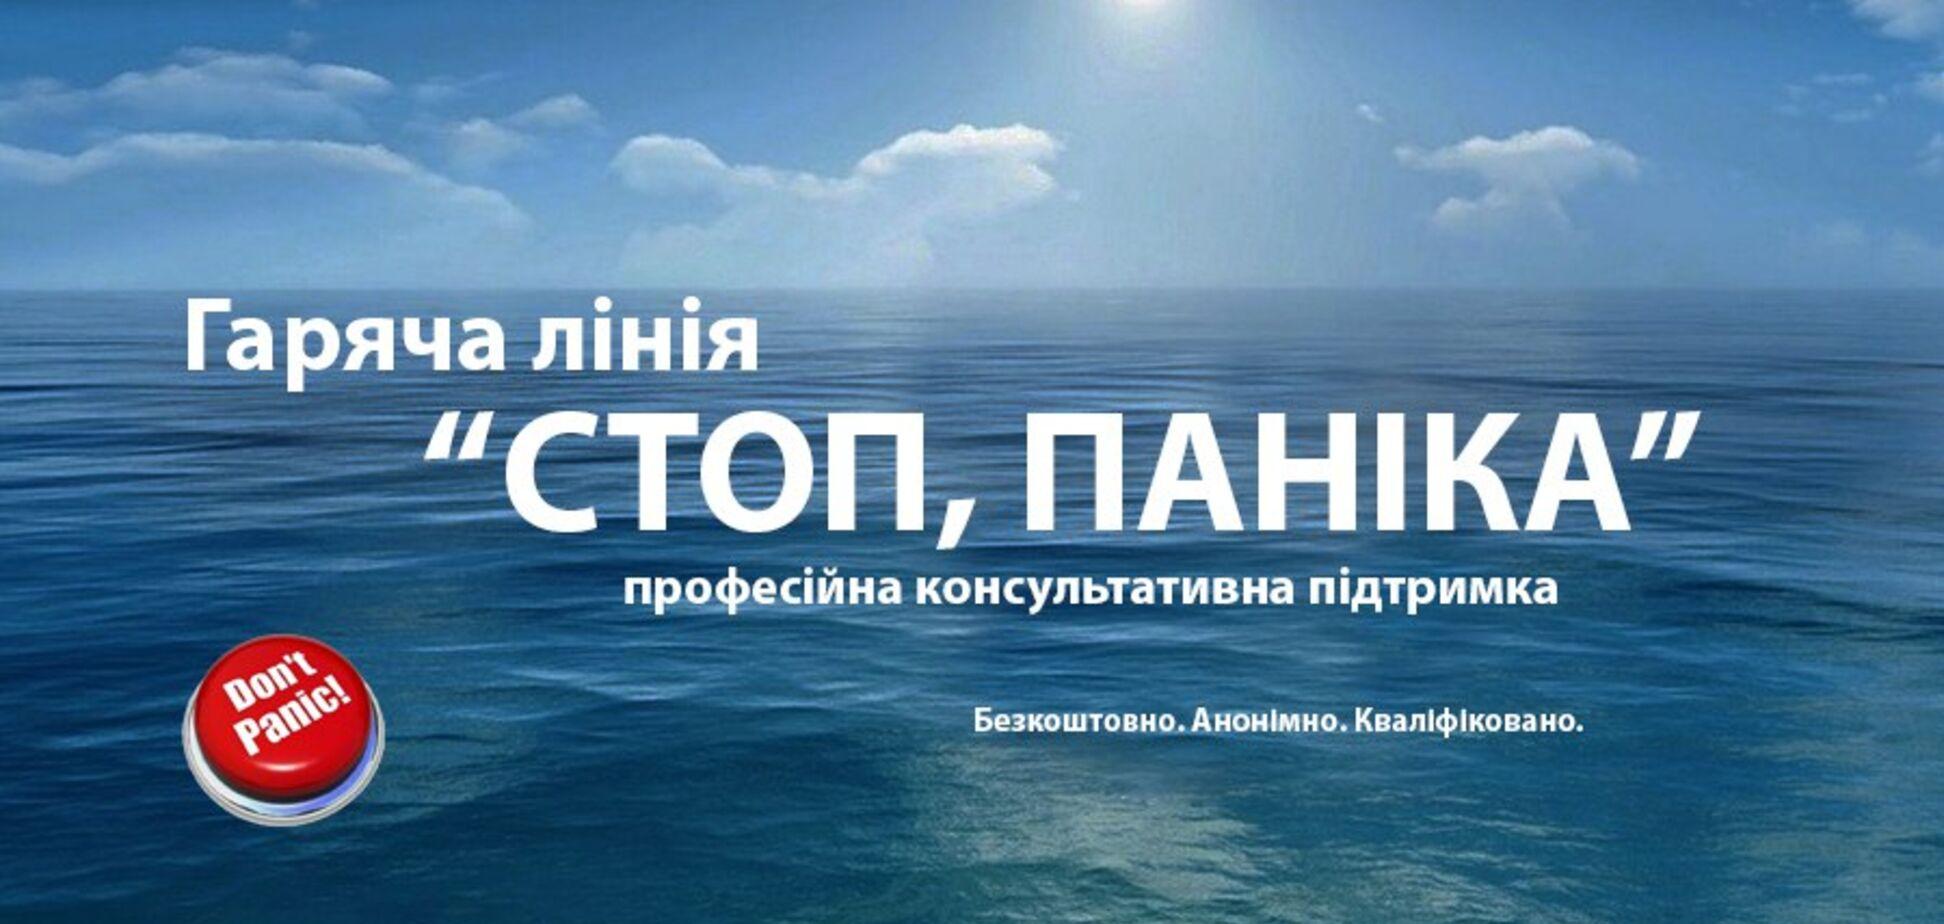 В Україні запрацювала безкоштовна гаряча лінія професійної підтримки 'Стоп, паніка'